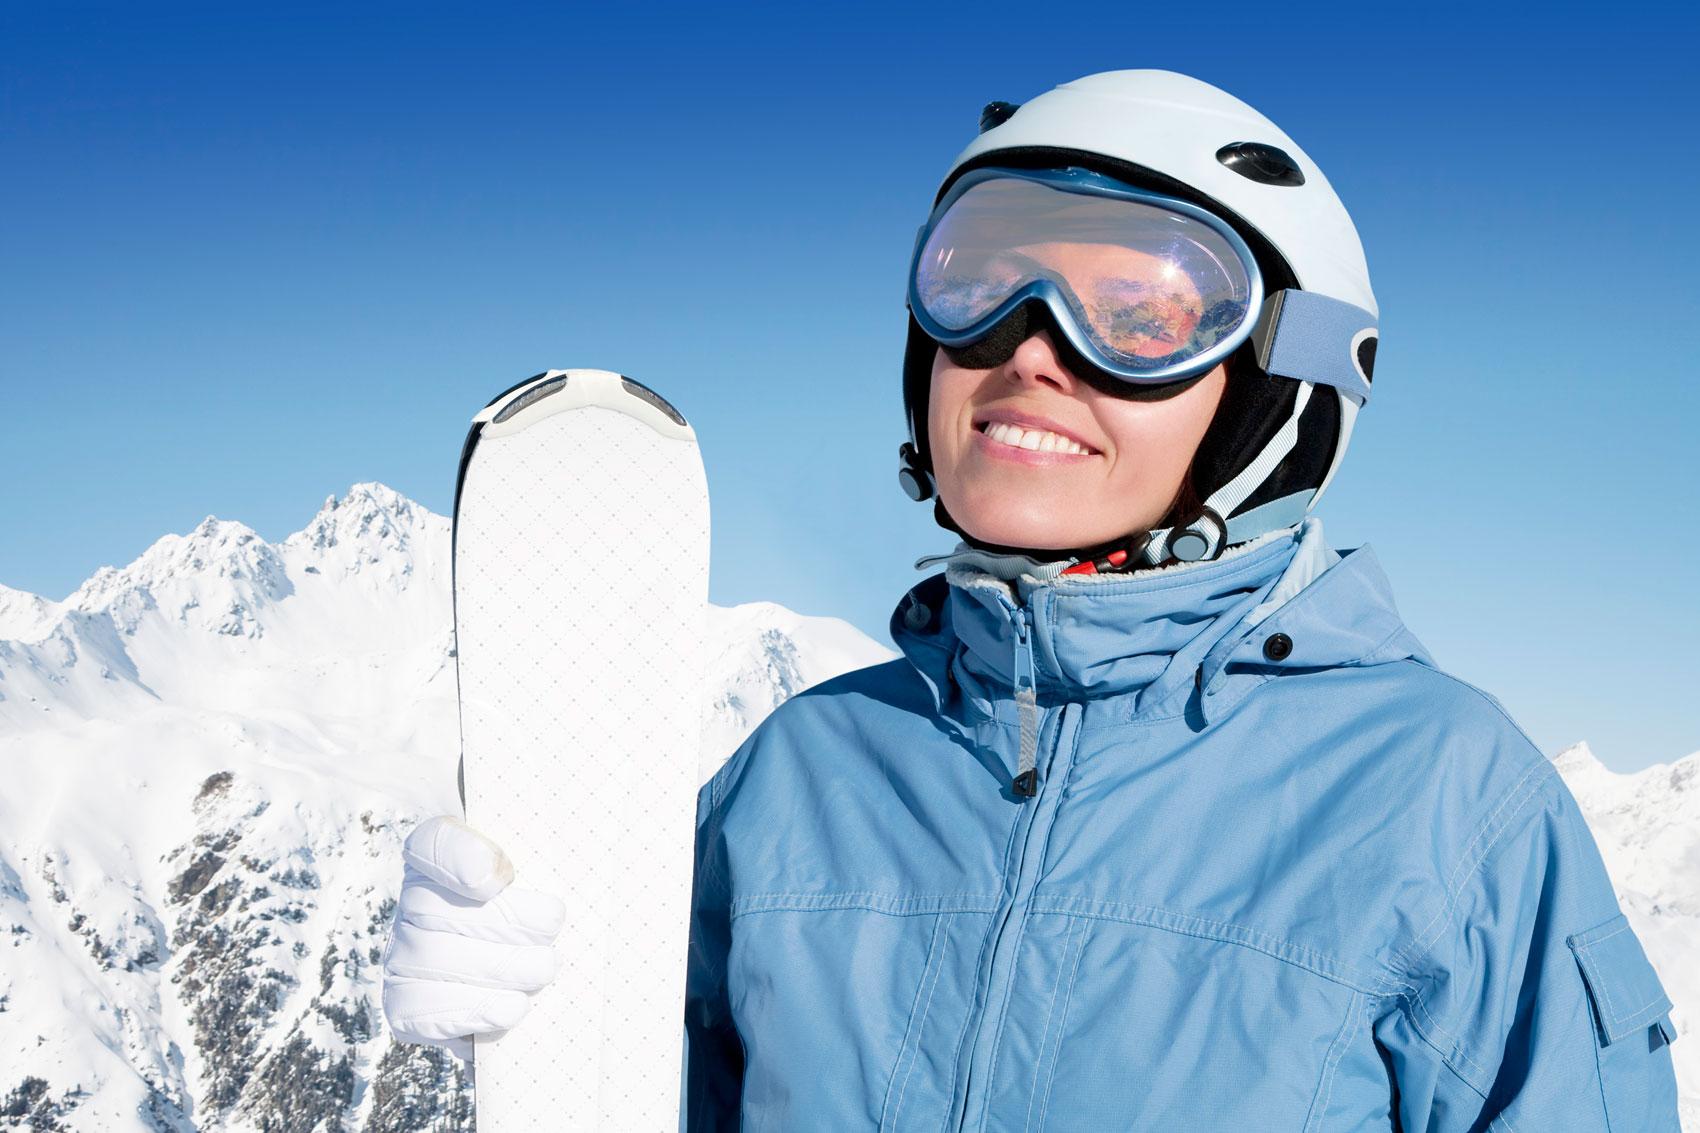 casco da sci, montagna, sciare, neve